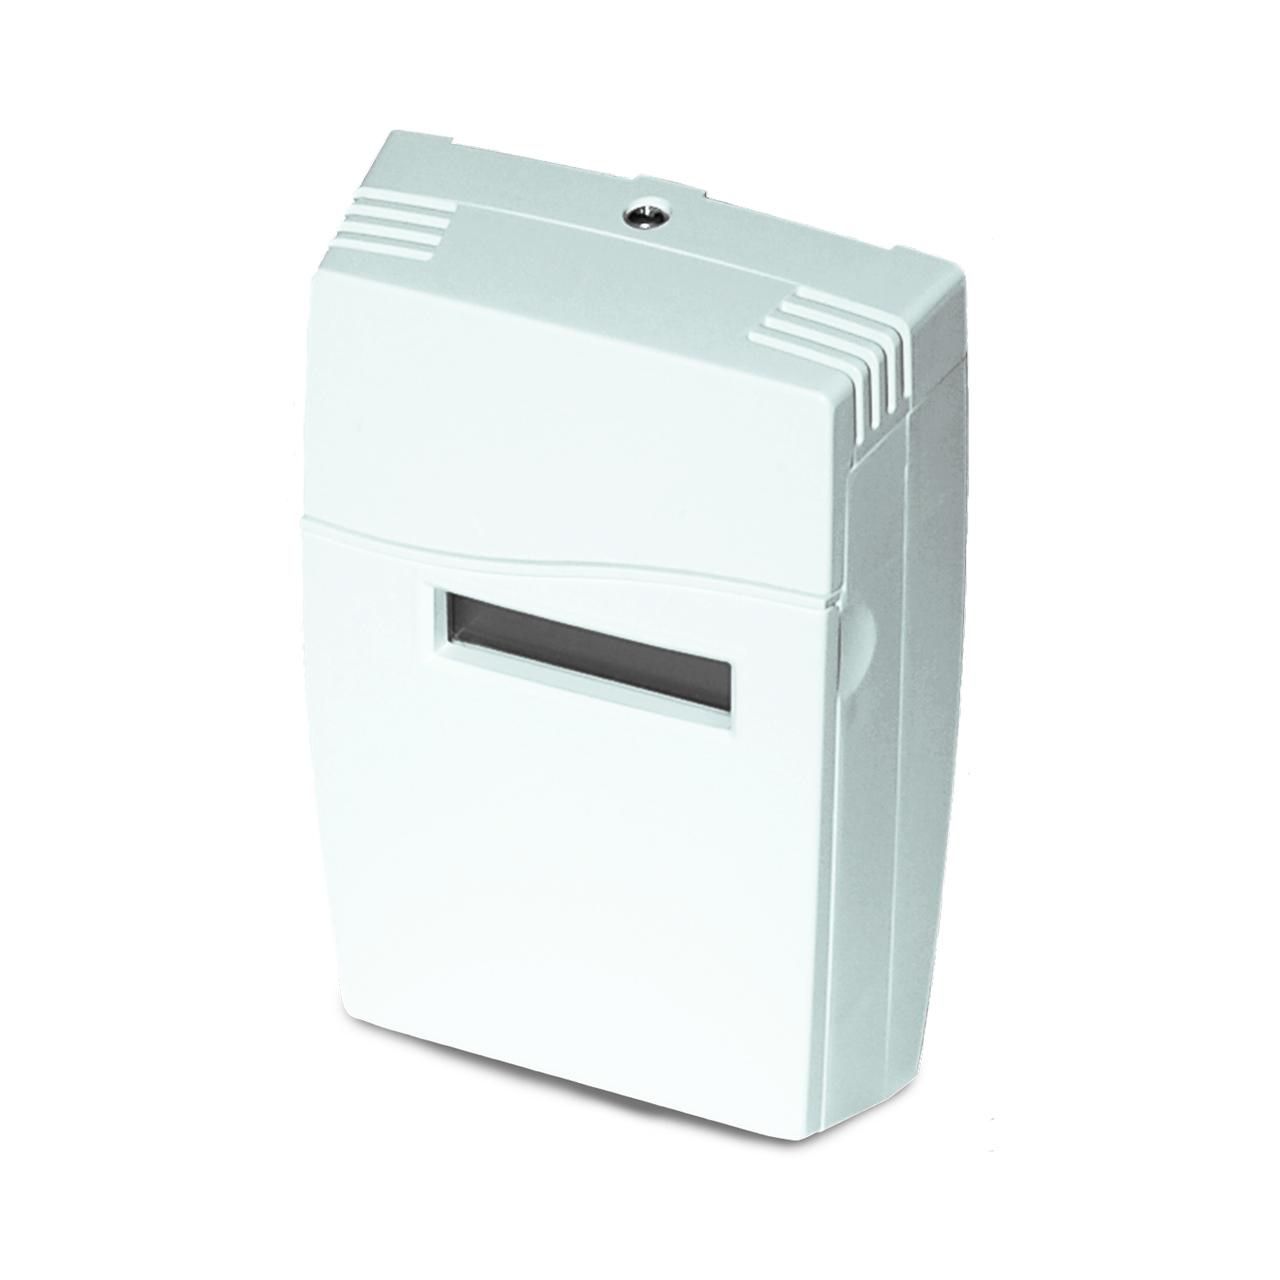 carrier-NSA-ASENSE-CO2-RM-room-sensor